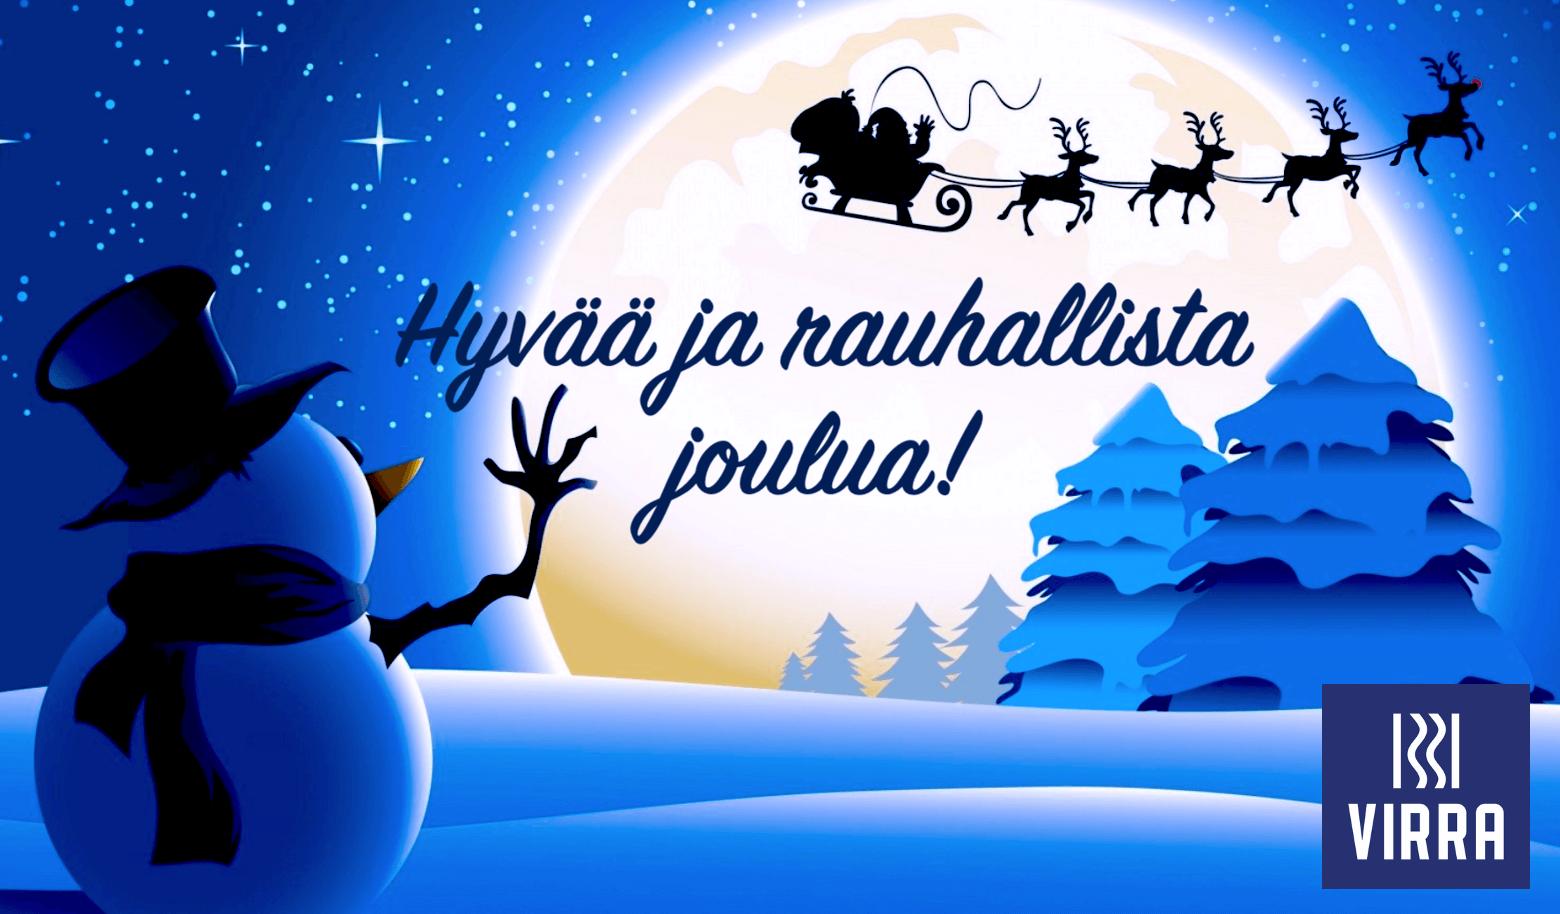 Hyvää joulua! icon